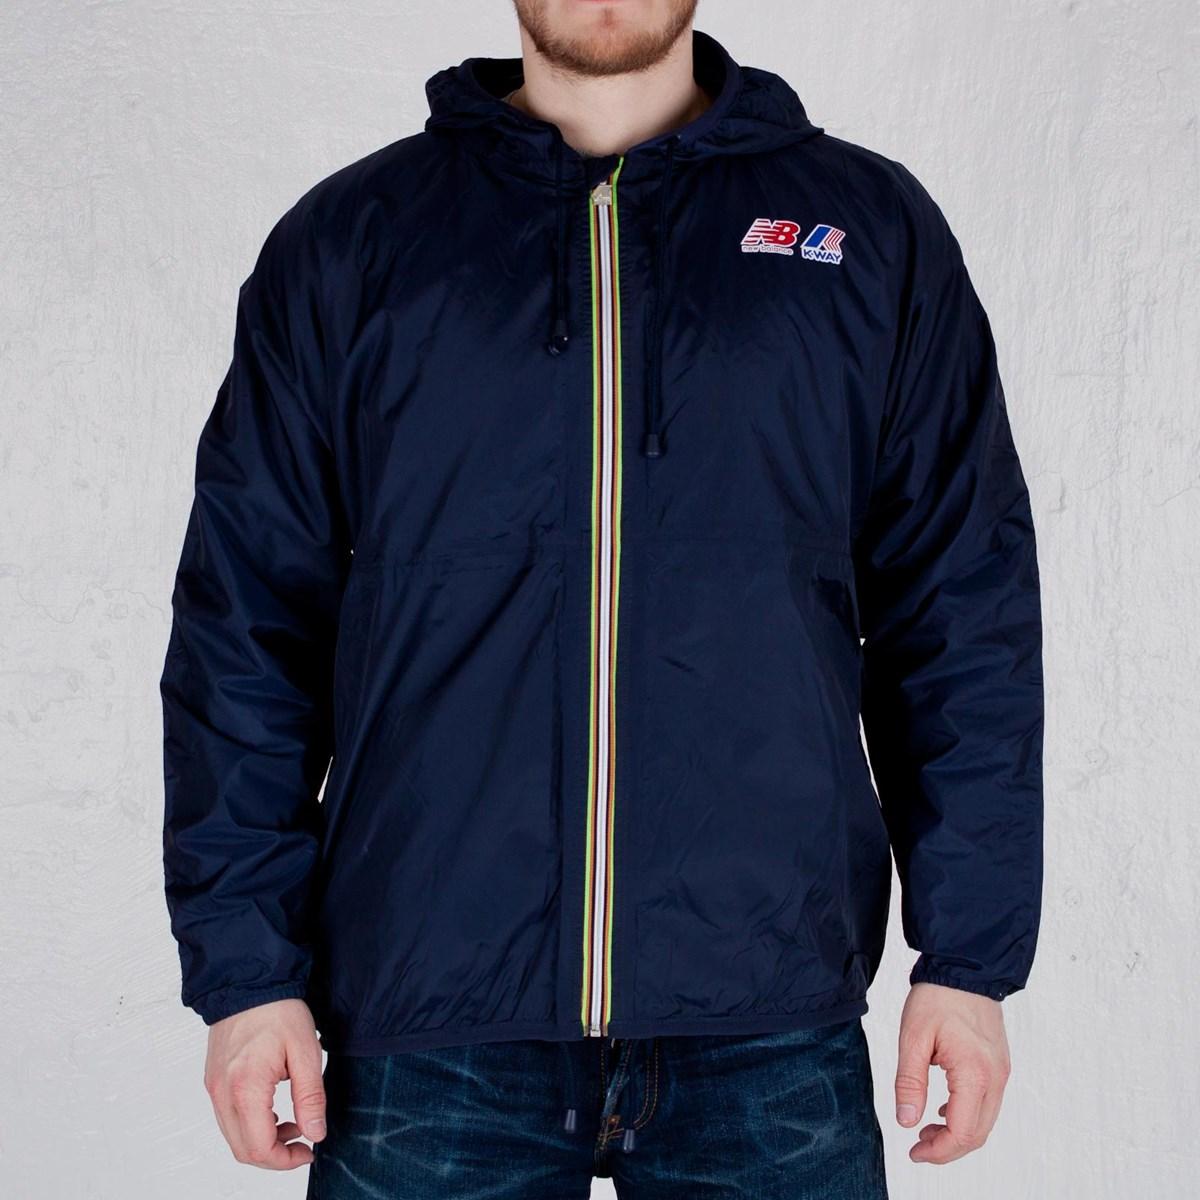 New Balance K-Way Jacket - 109791 - SNS | sneakers & streetwear online since 1999